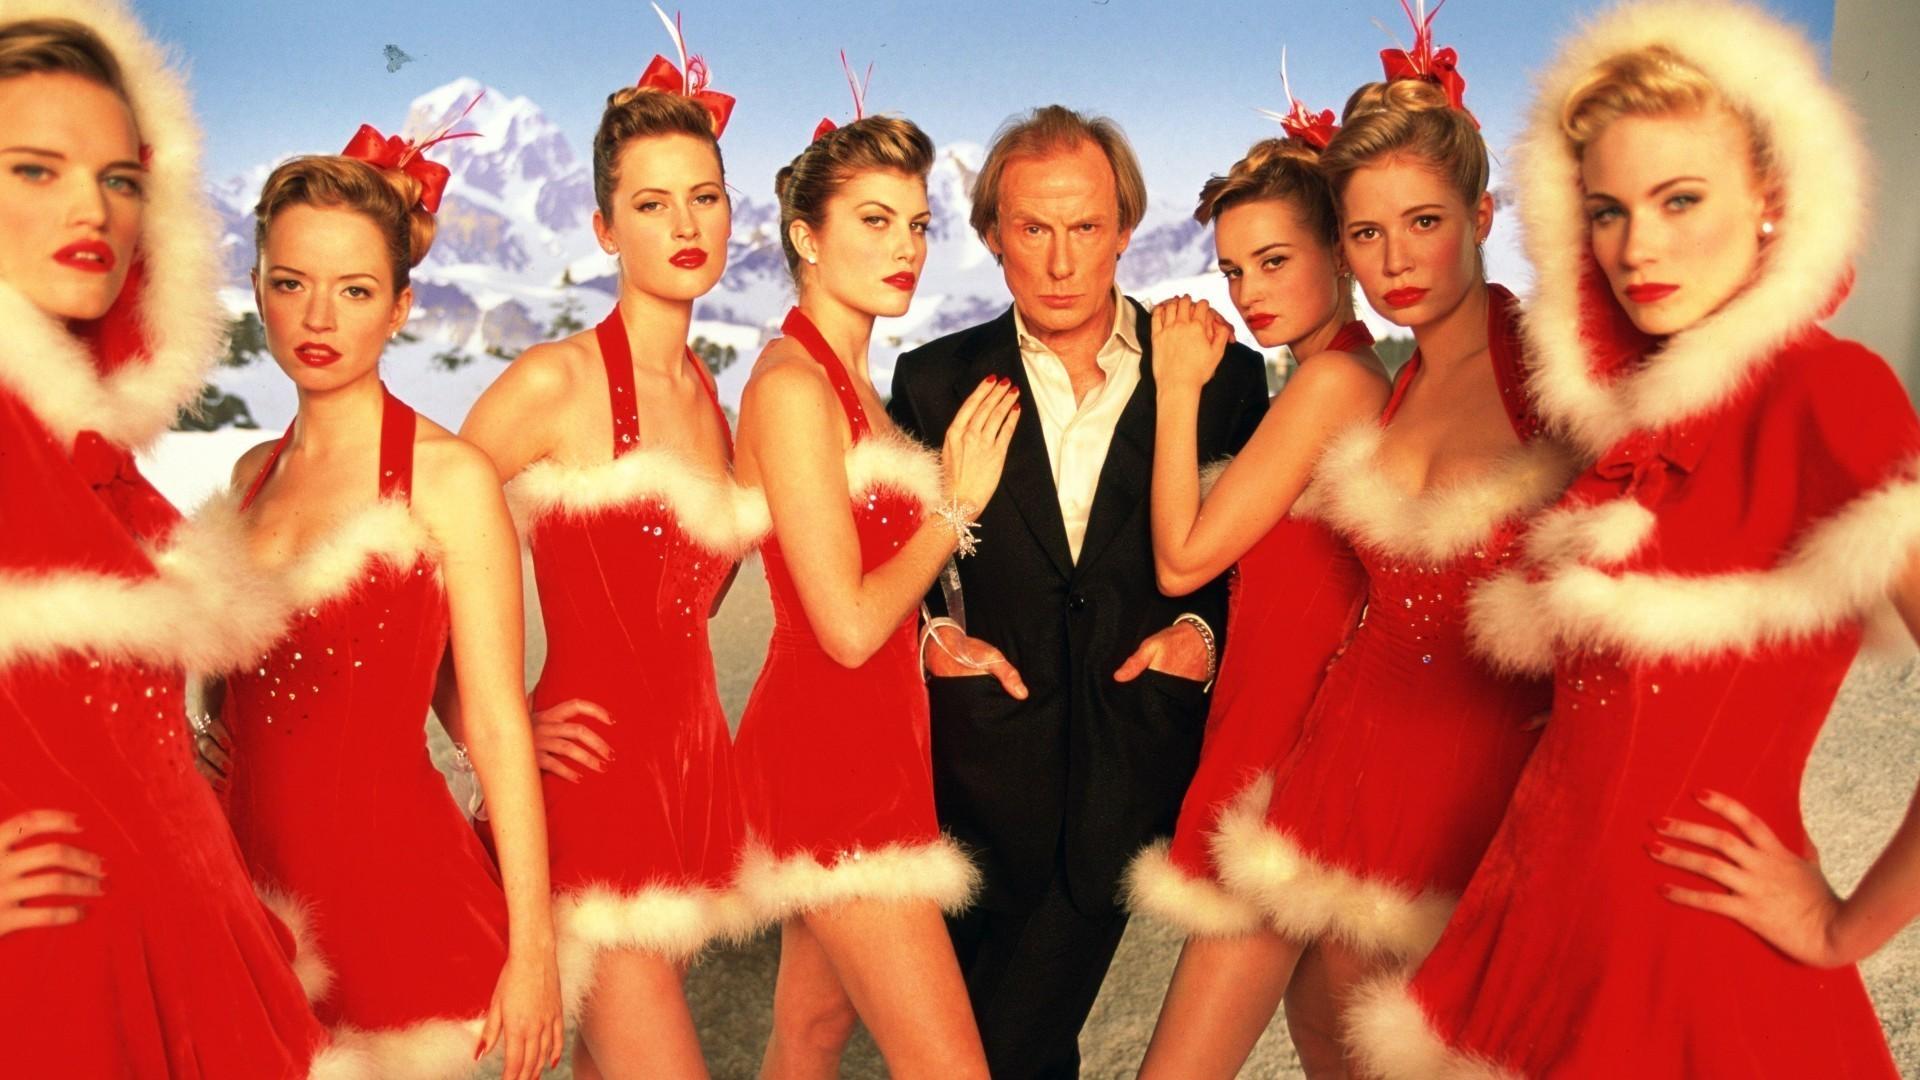 Коледа Пусни ми на Коледа А1 Блог